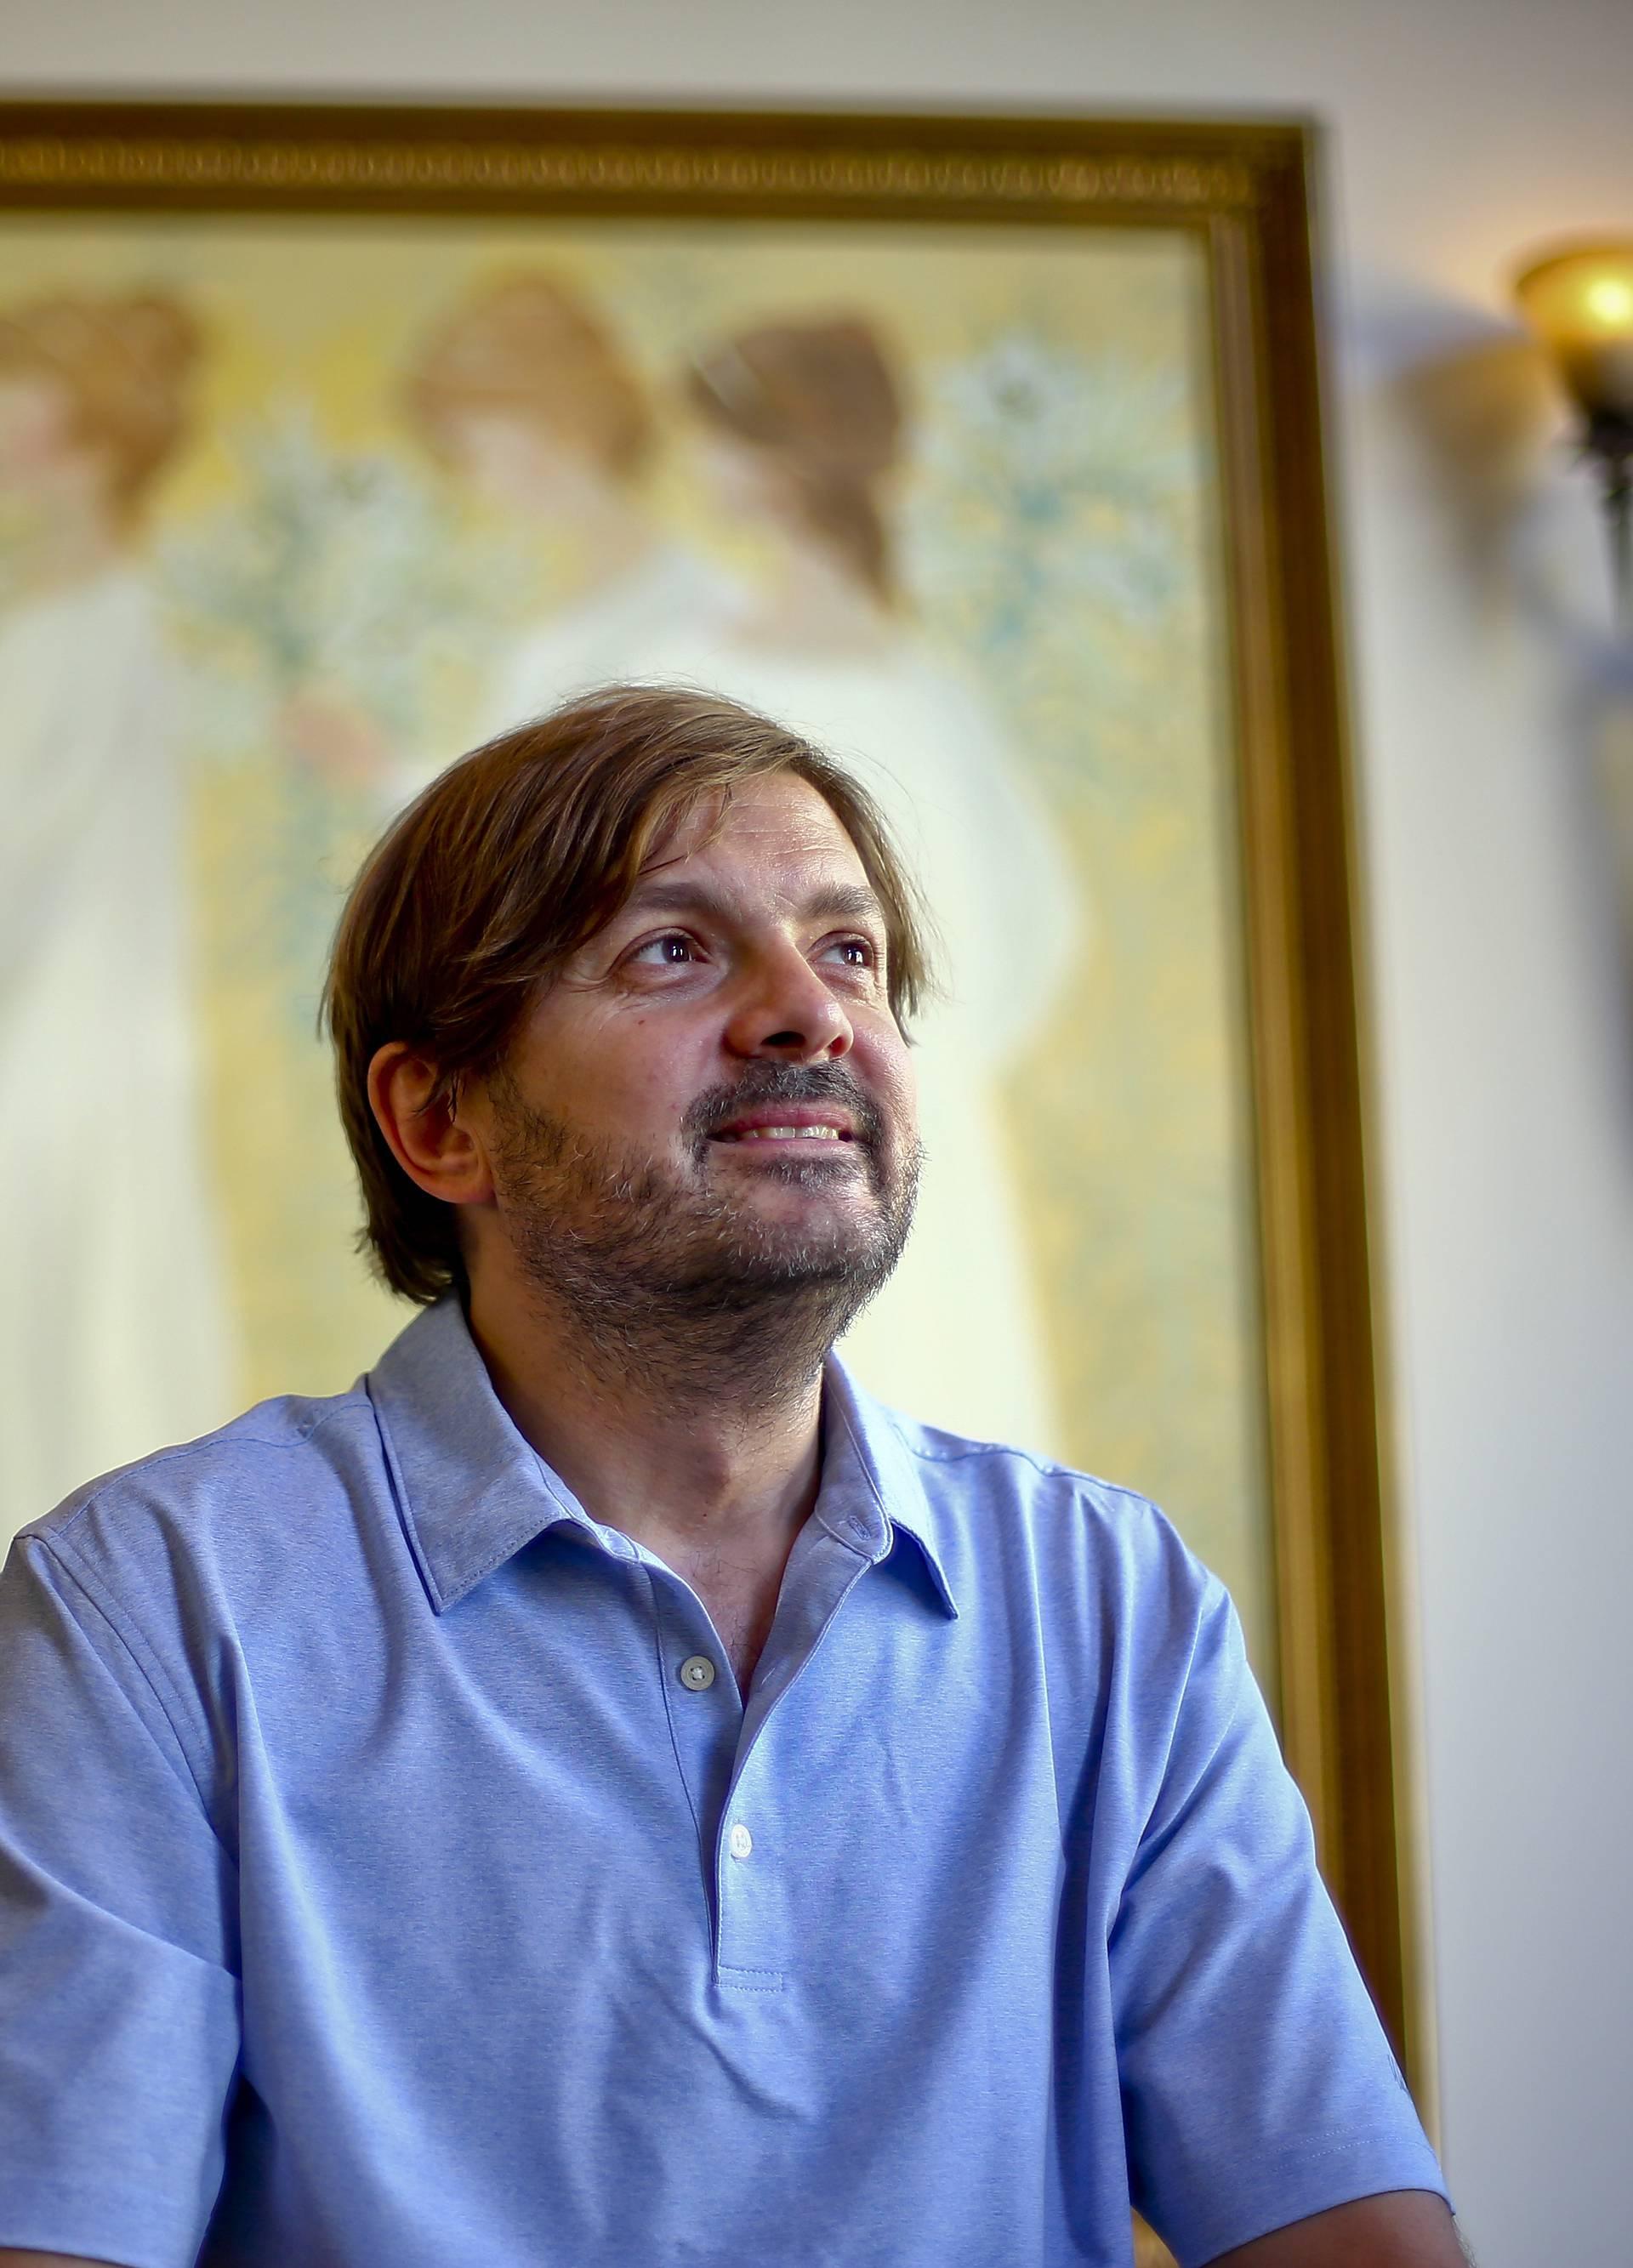 Slavlje kod Milana Popovića: Rodio mi se sin, zove se Đorđe!